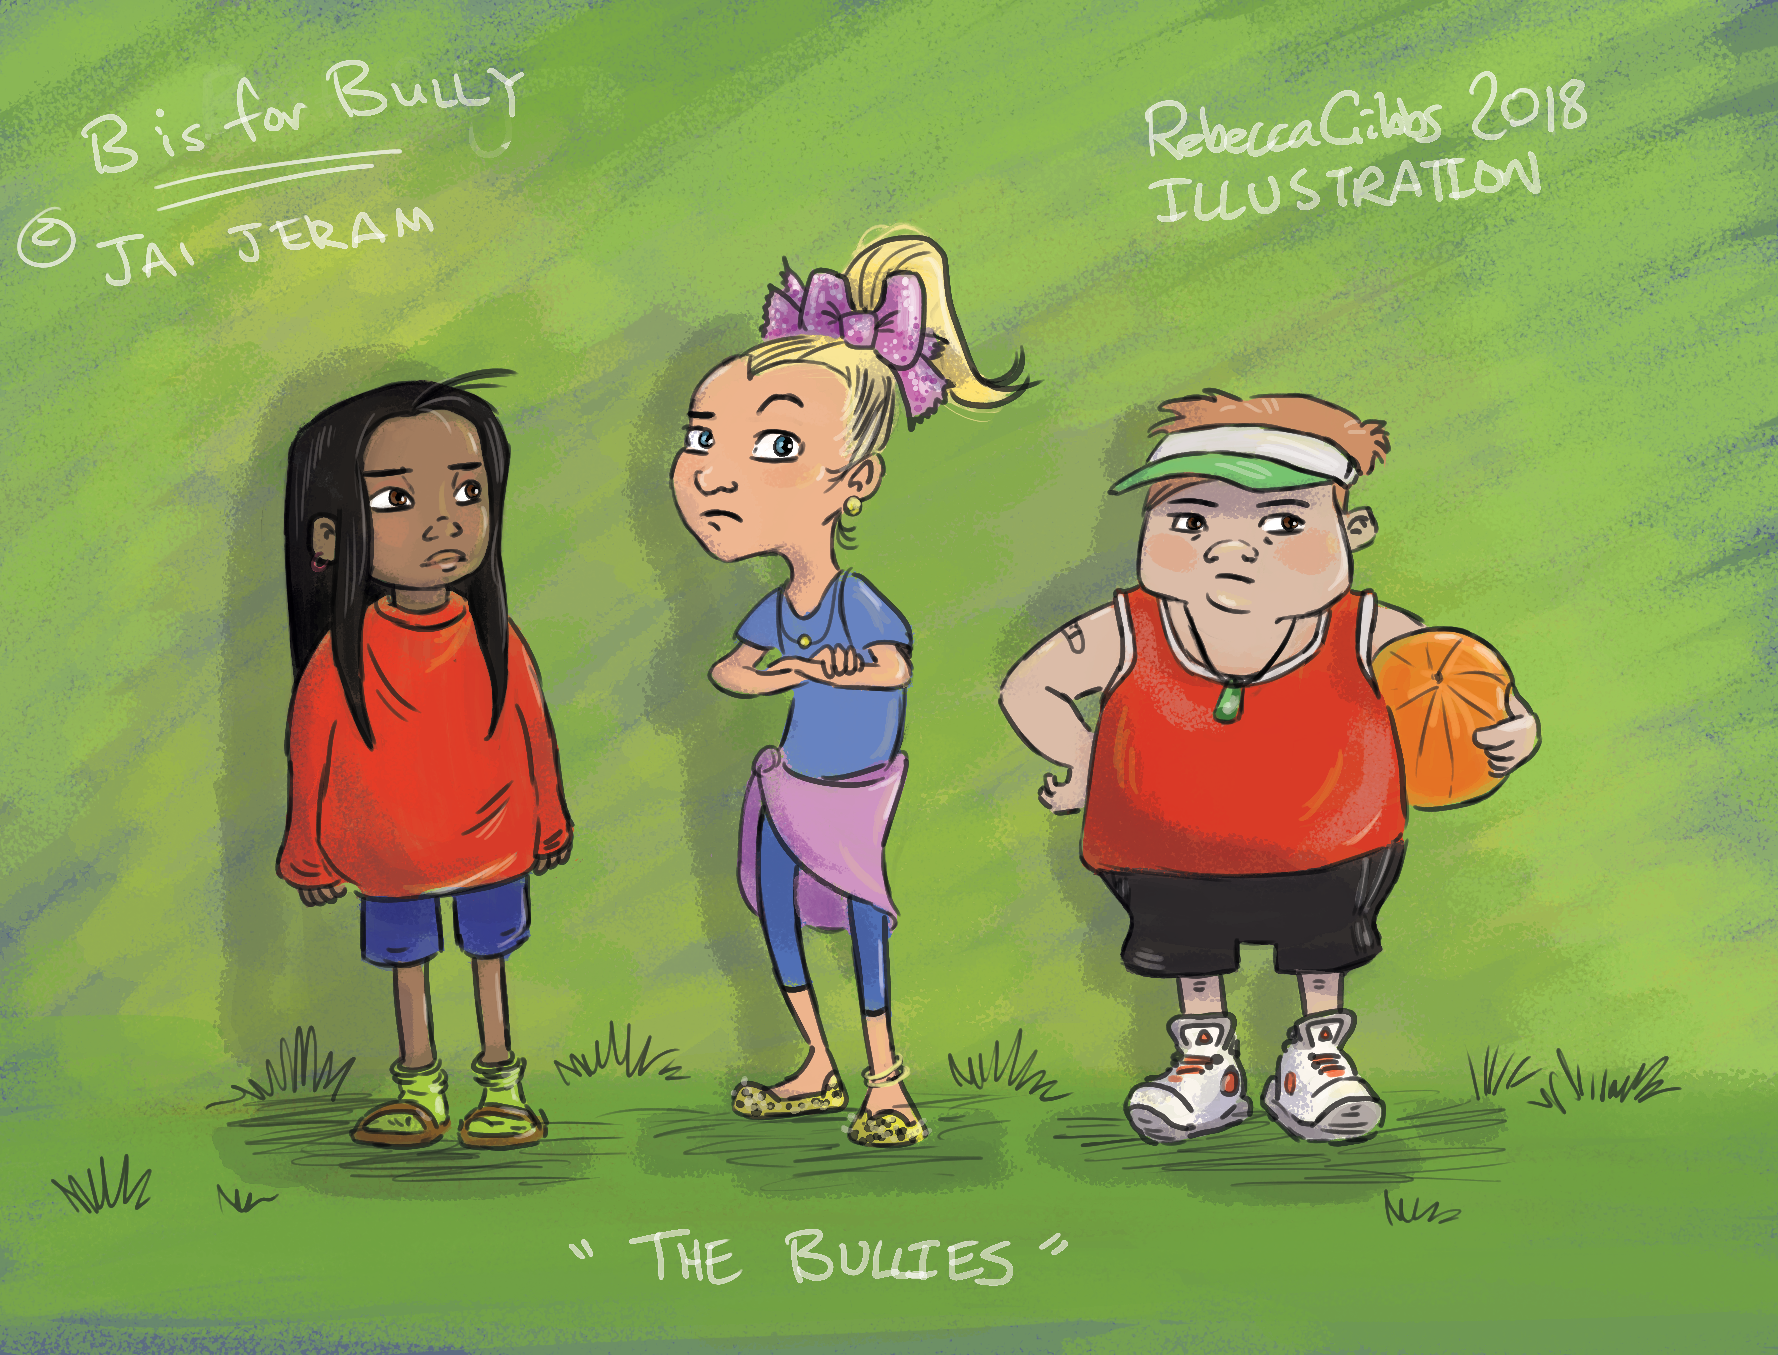 bullies 2.png